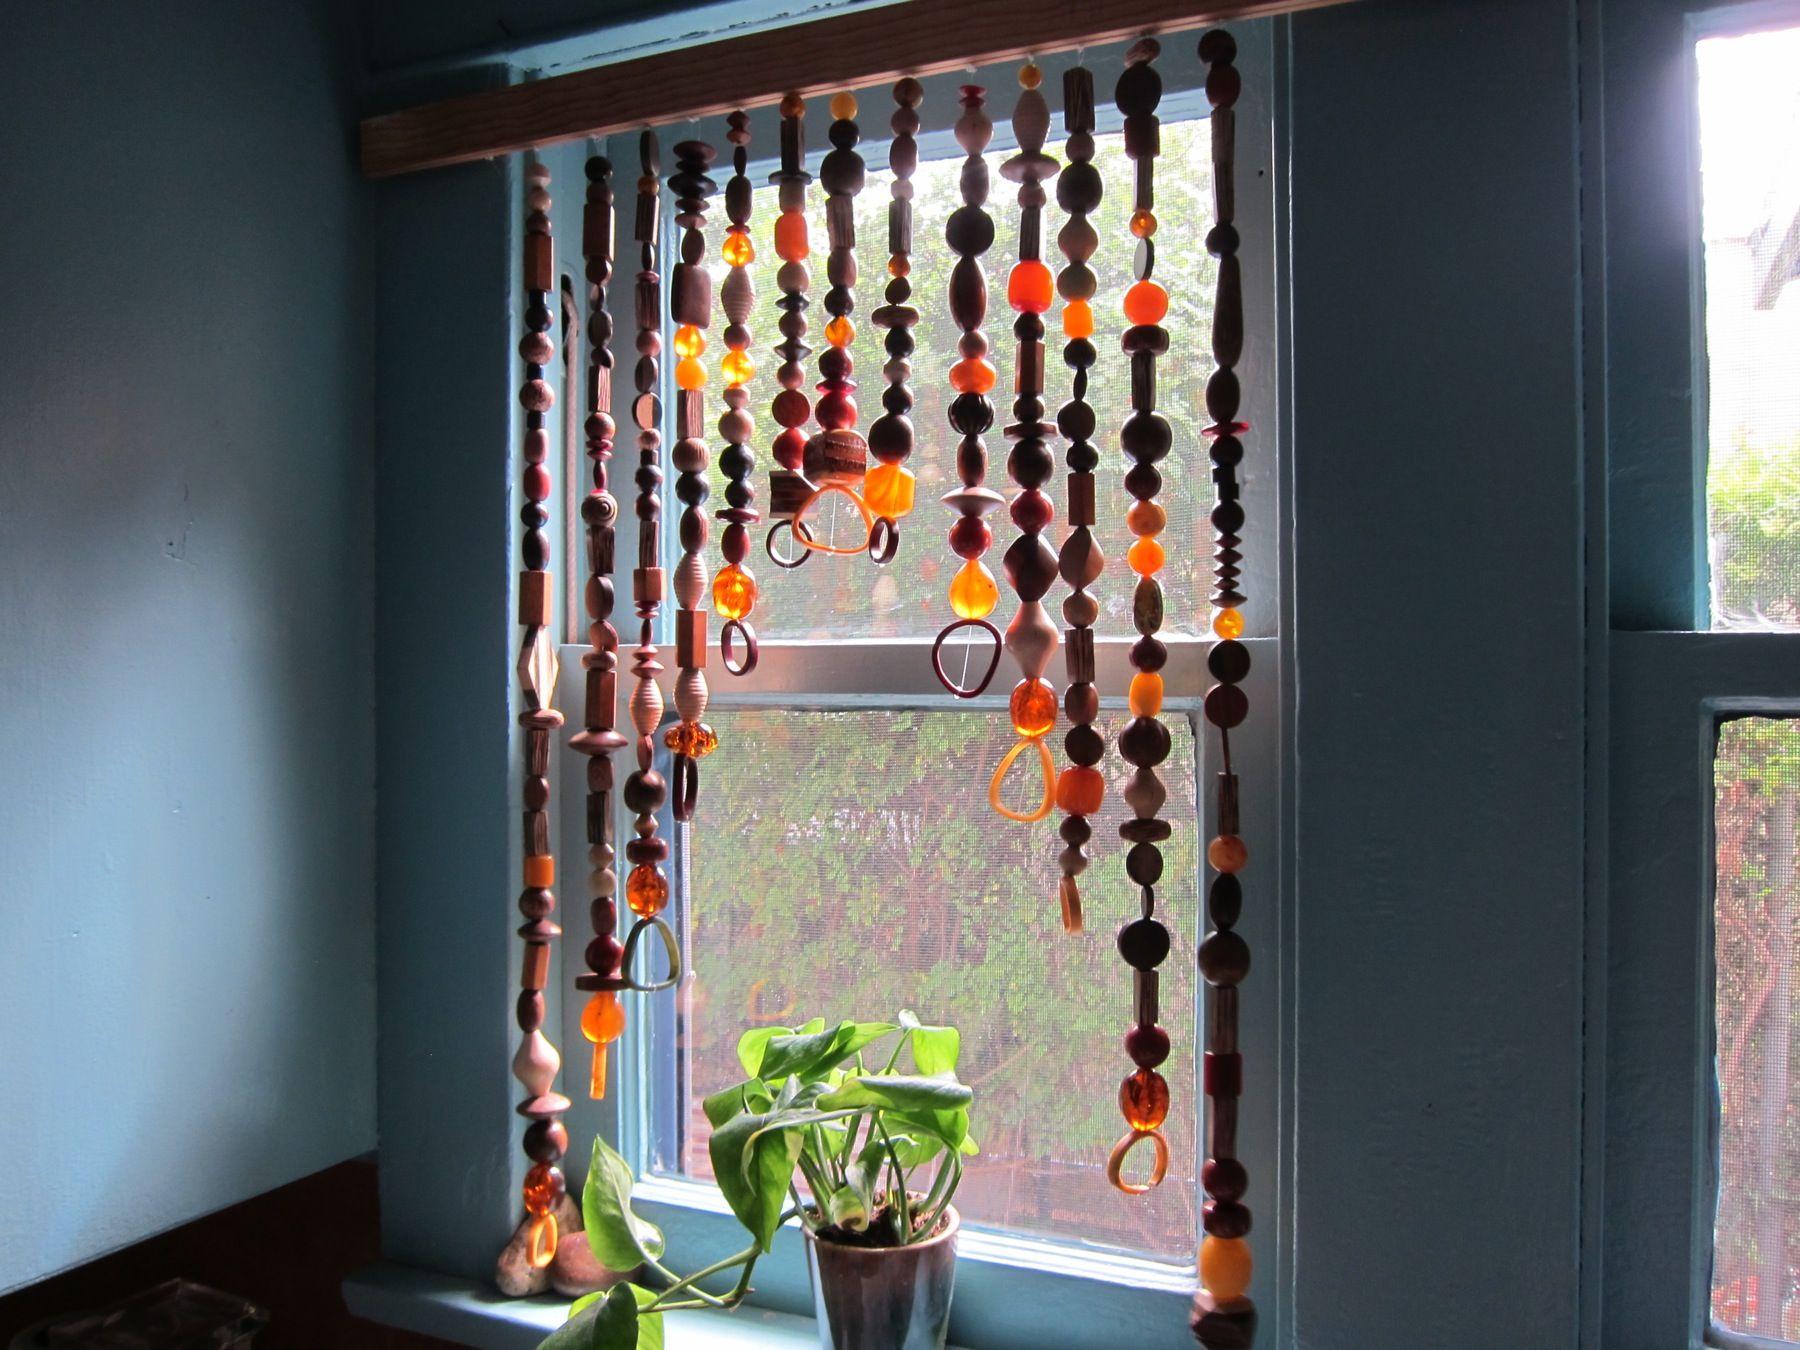 How to make a bead curtain cortinas cortinas originales - Cortinas de cuentas ...